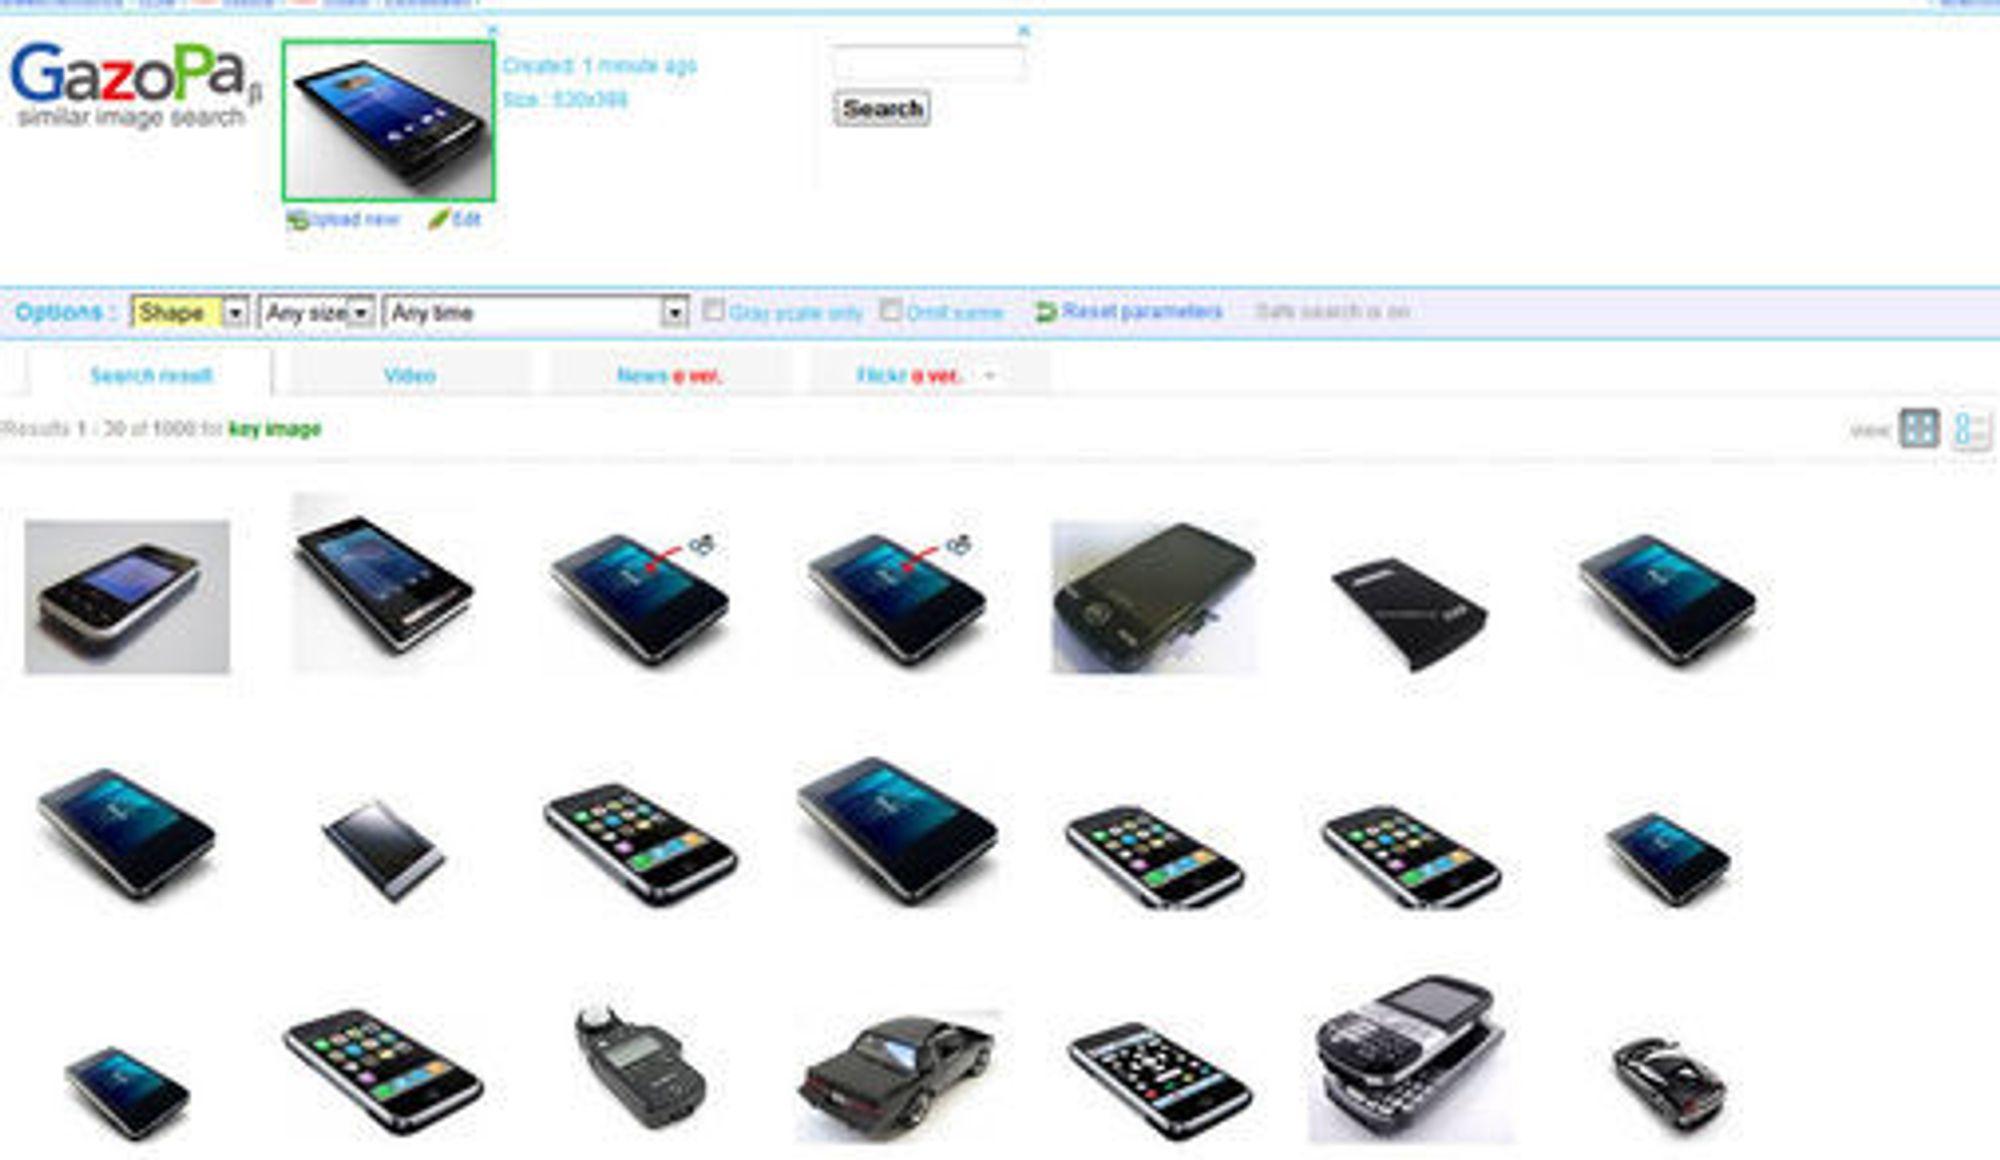 Søk i GazoPa etter bilder som ligner på mobiltelefonen øverst, ga en del underlige resultater.